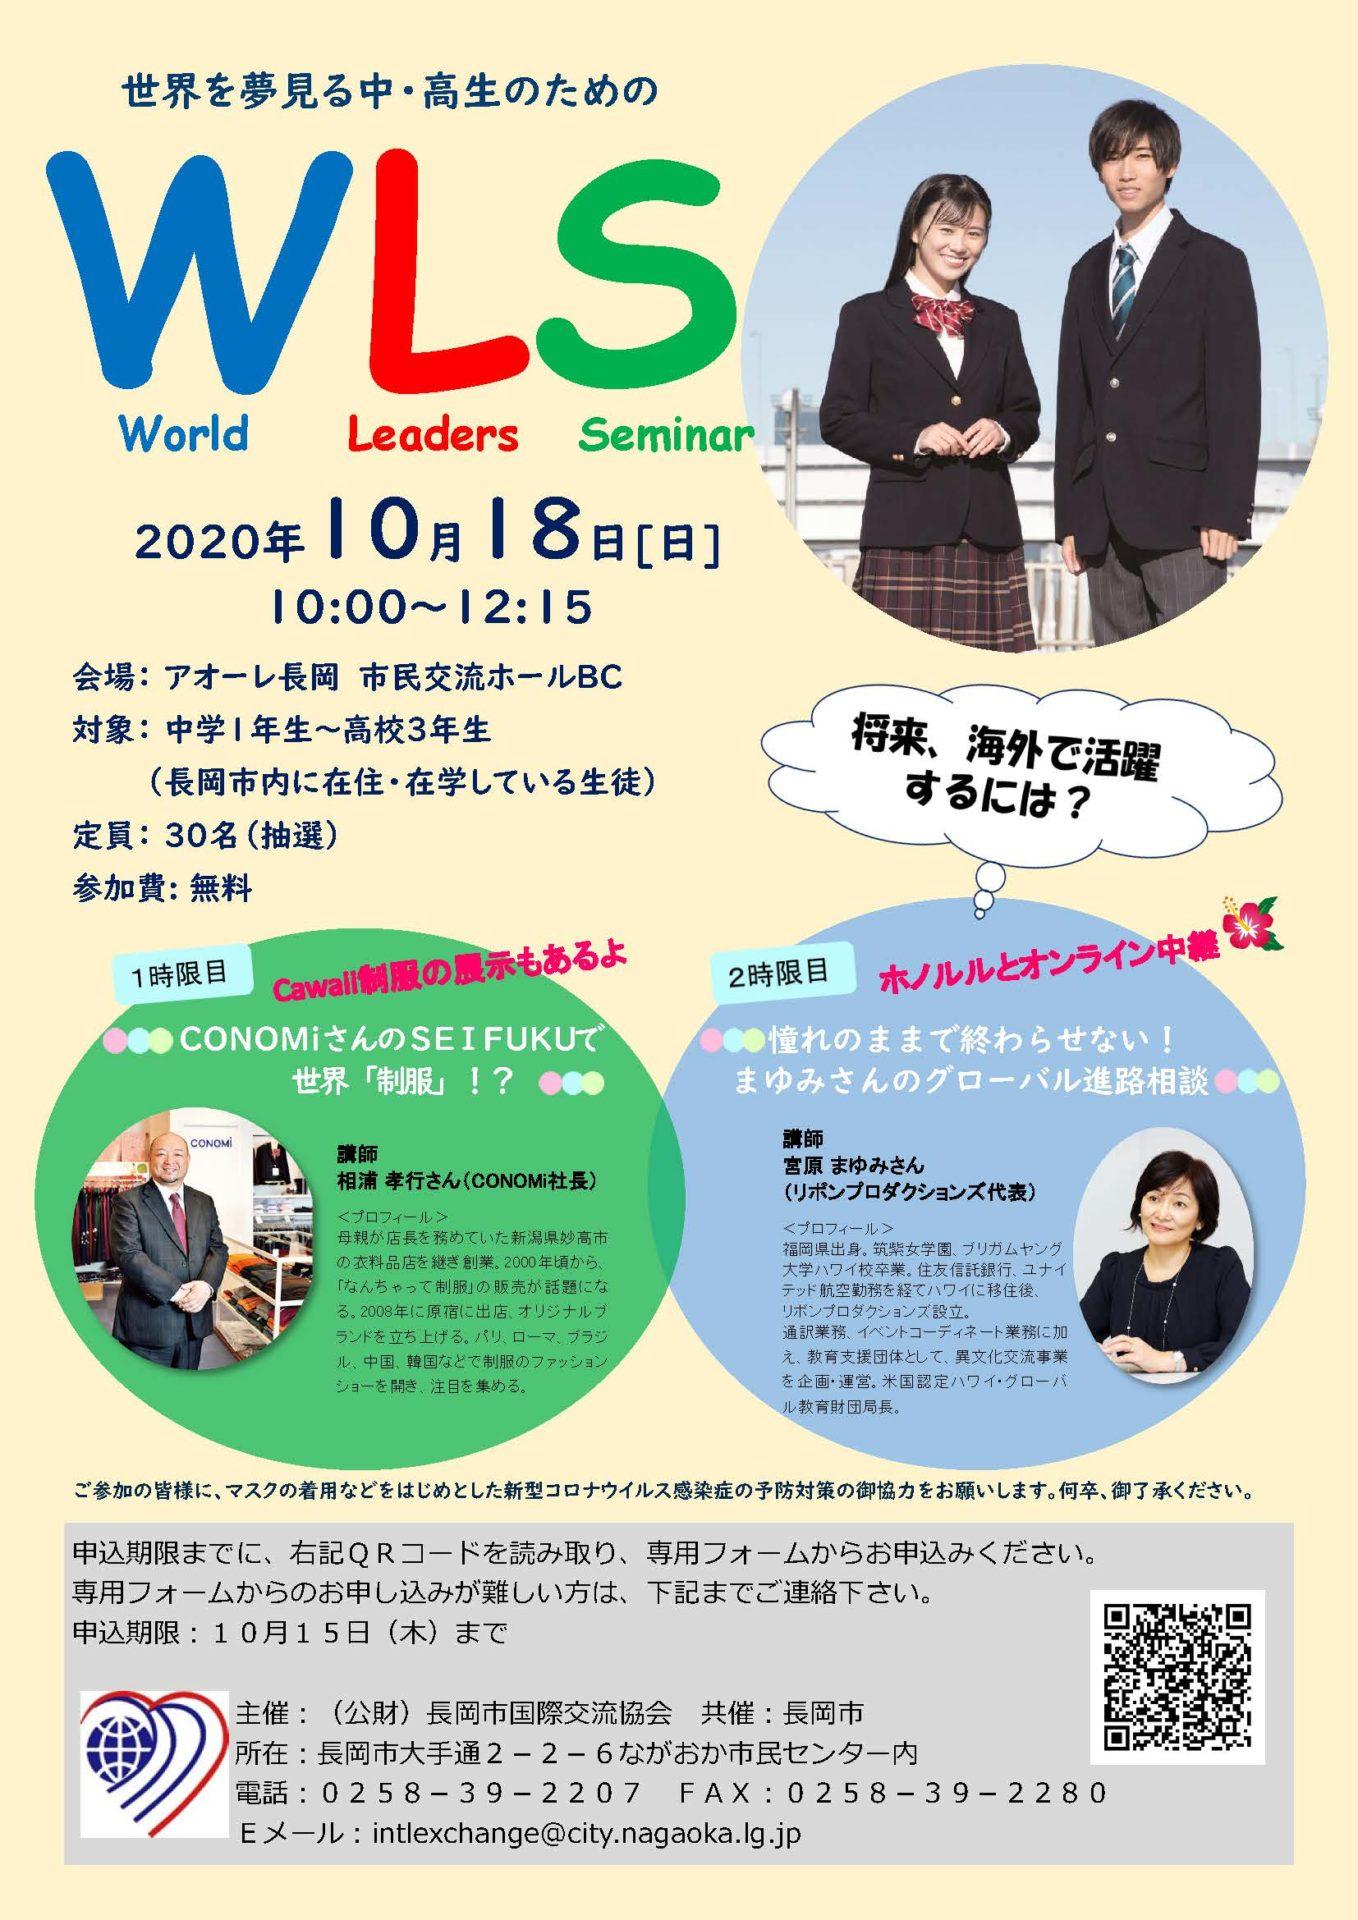 ワールド・リーダーズ・セミナー